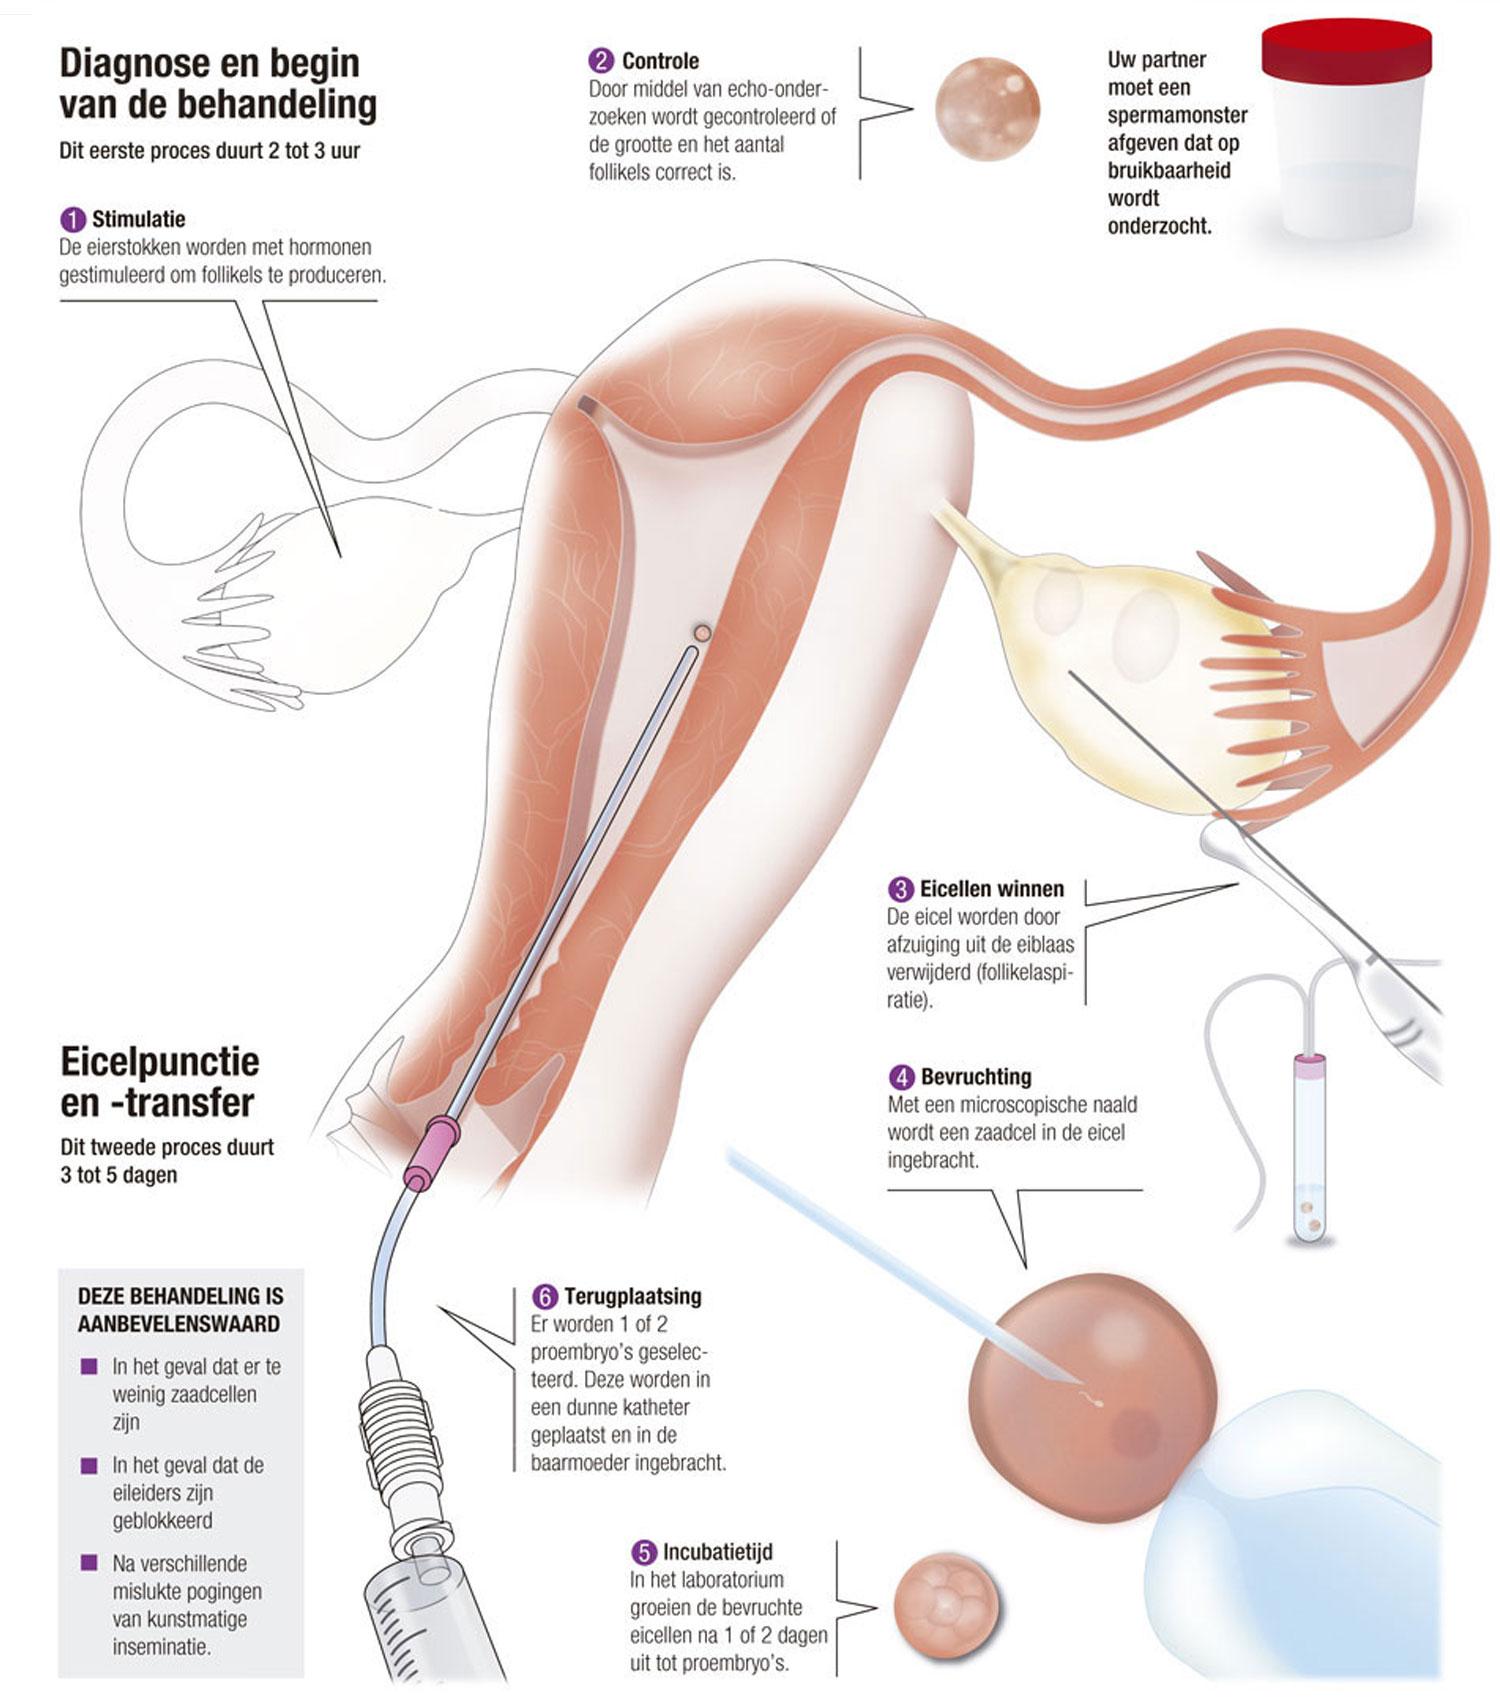 In-vitrofertilisatie met eigen eicellen en sperma van de partner